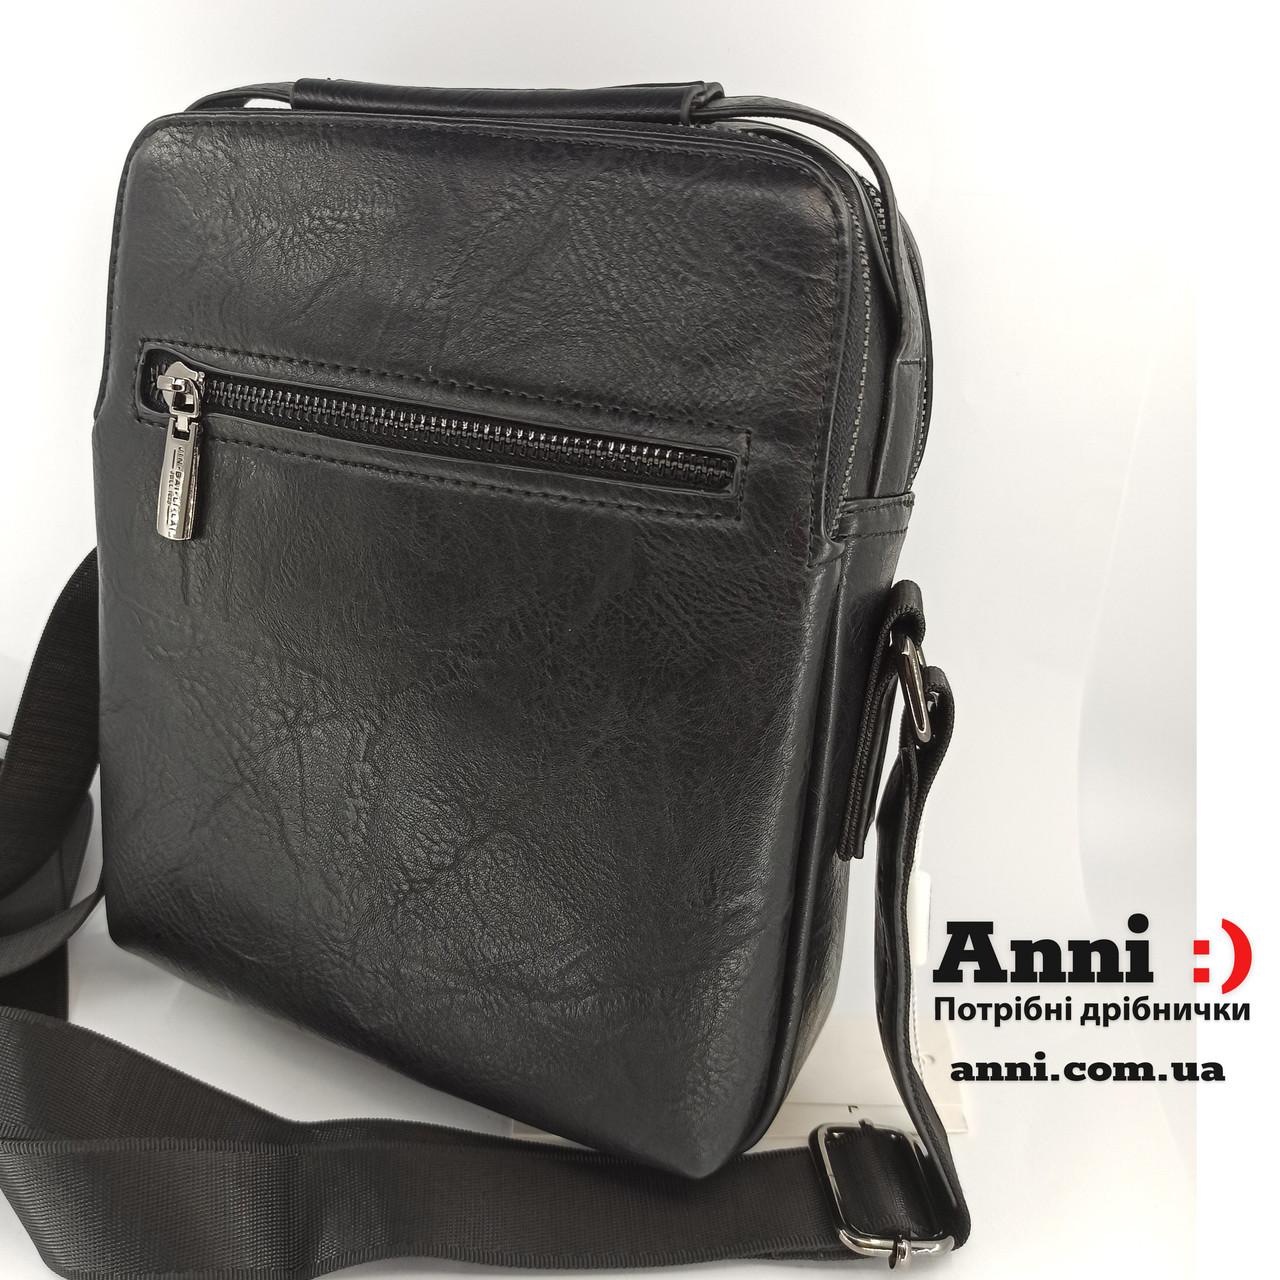 Мужская кожаная сумка планшет через плечо Jinbaili.l  24*20